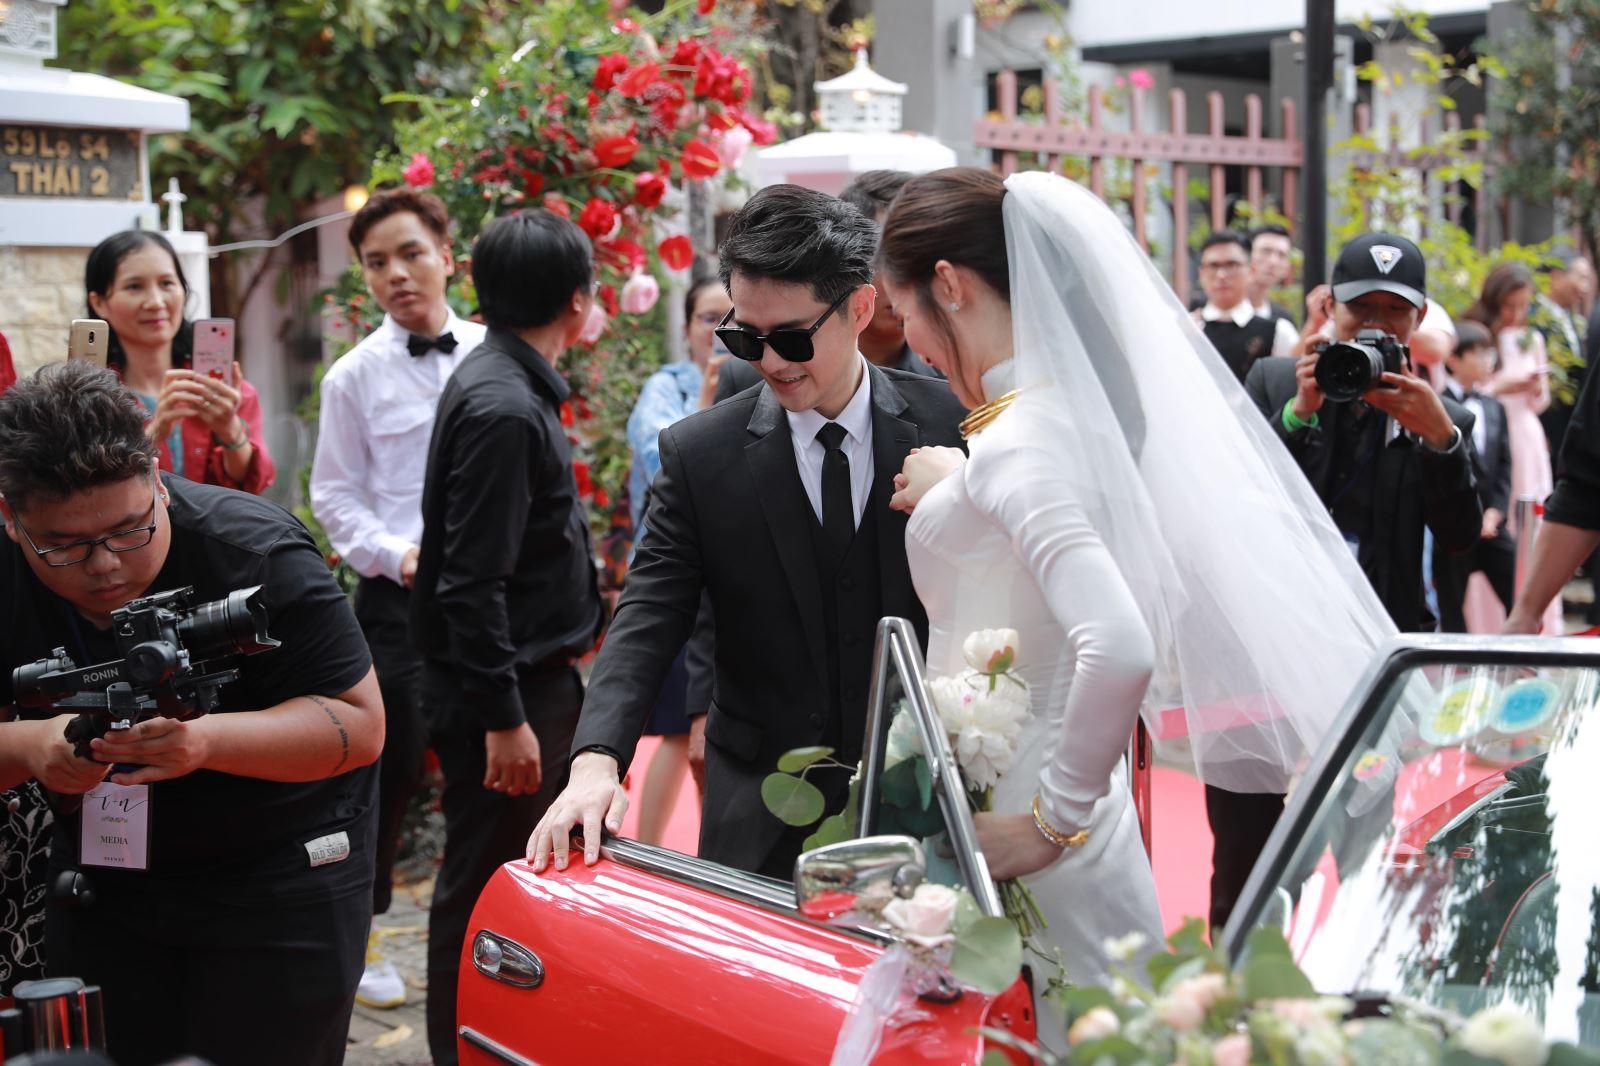 đám cưới Đông Nhi Ông Cao Thắng, đám cưới Ông Cao Thắng Đông Nhi, lễ cưới Đông Nhi Ông Cao Thắng, dam cuoi Dong Nhi Ong Cao Thang, Đông Nhi, Đông Nhi Ông Cao Thắng